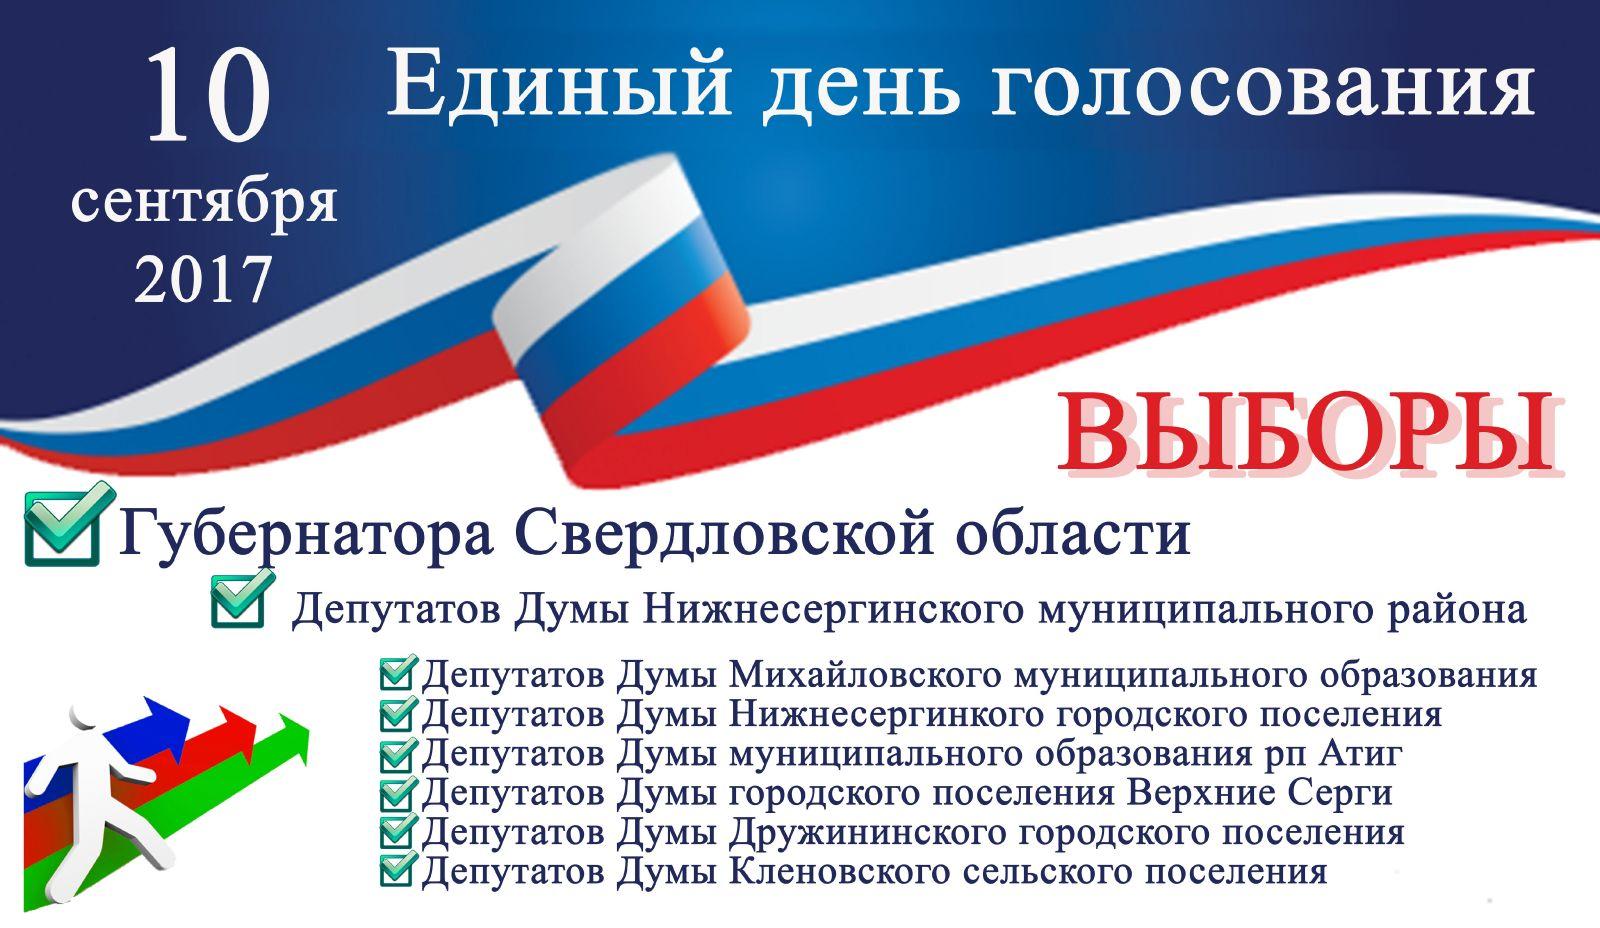 Итоги единого дня голосования 10 сентября